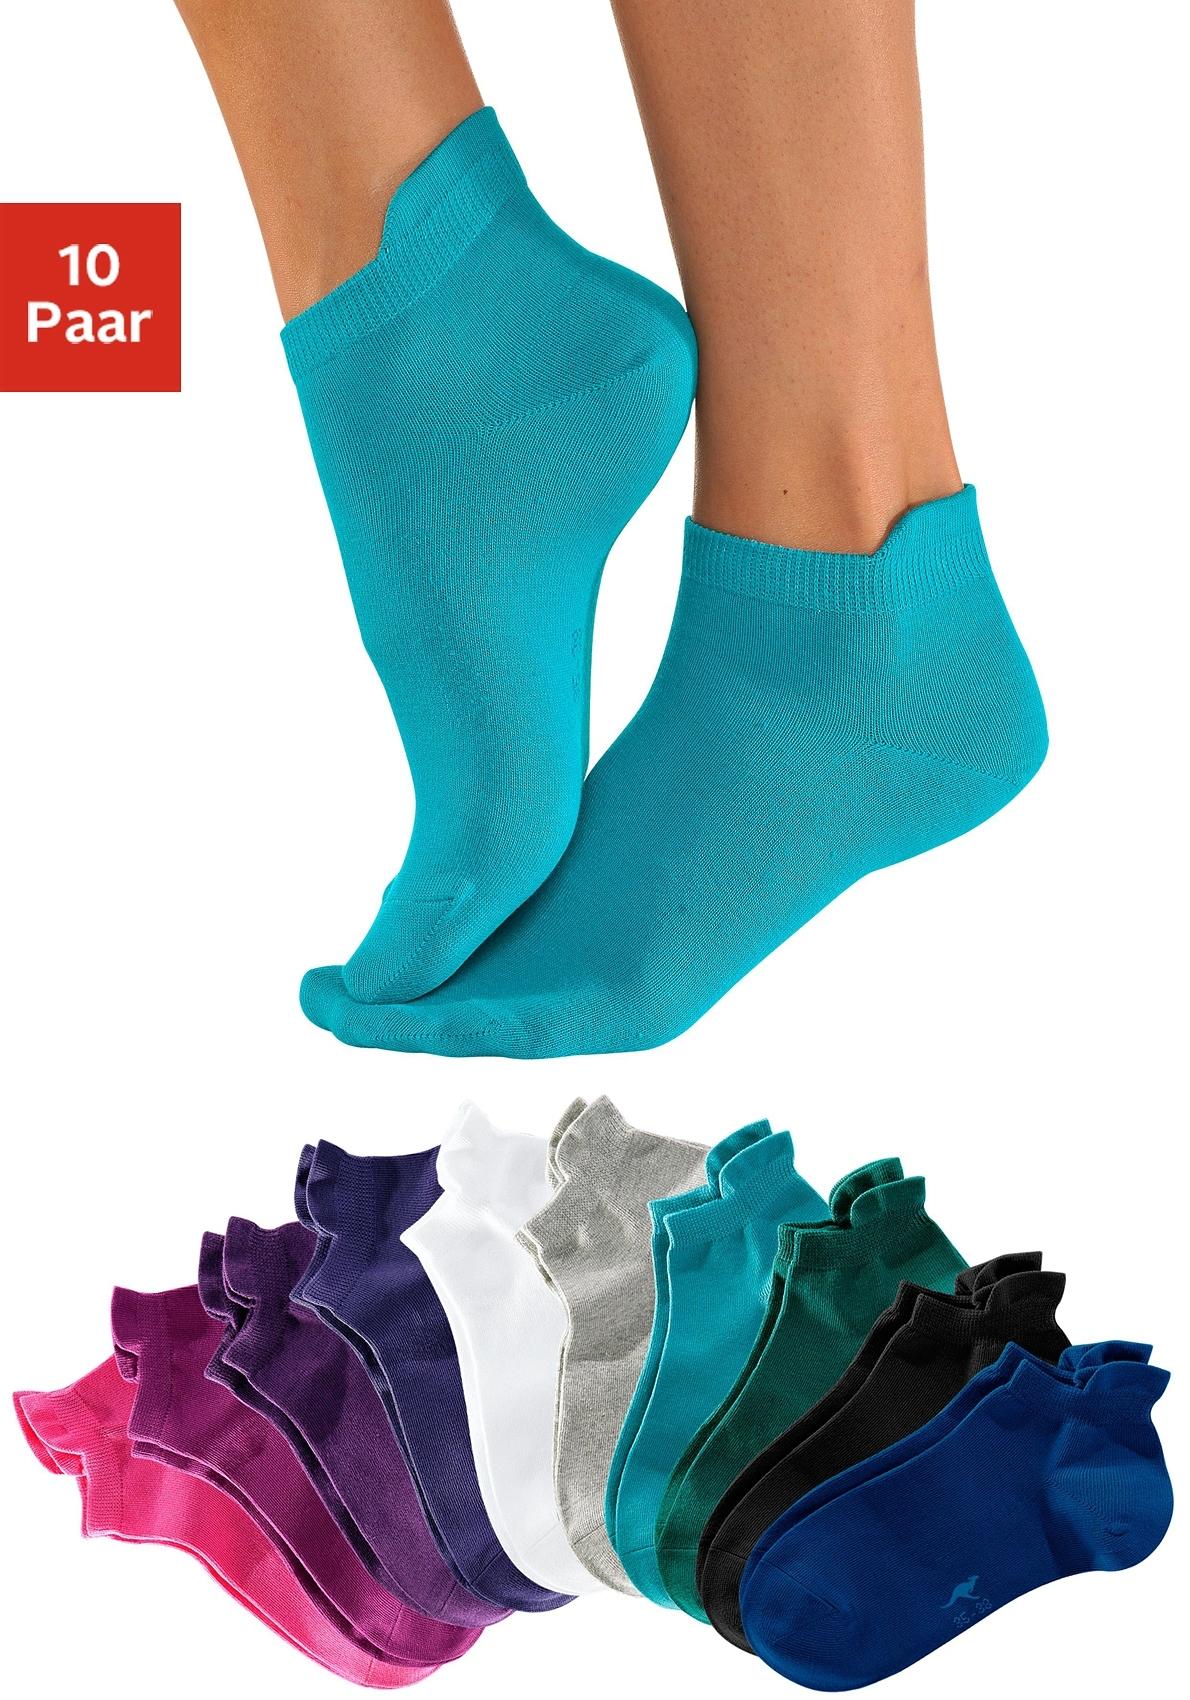 KangaROOS sneakersokken (10 paar) met verhoogde boord bij Lascana online kopen